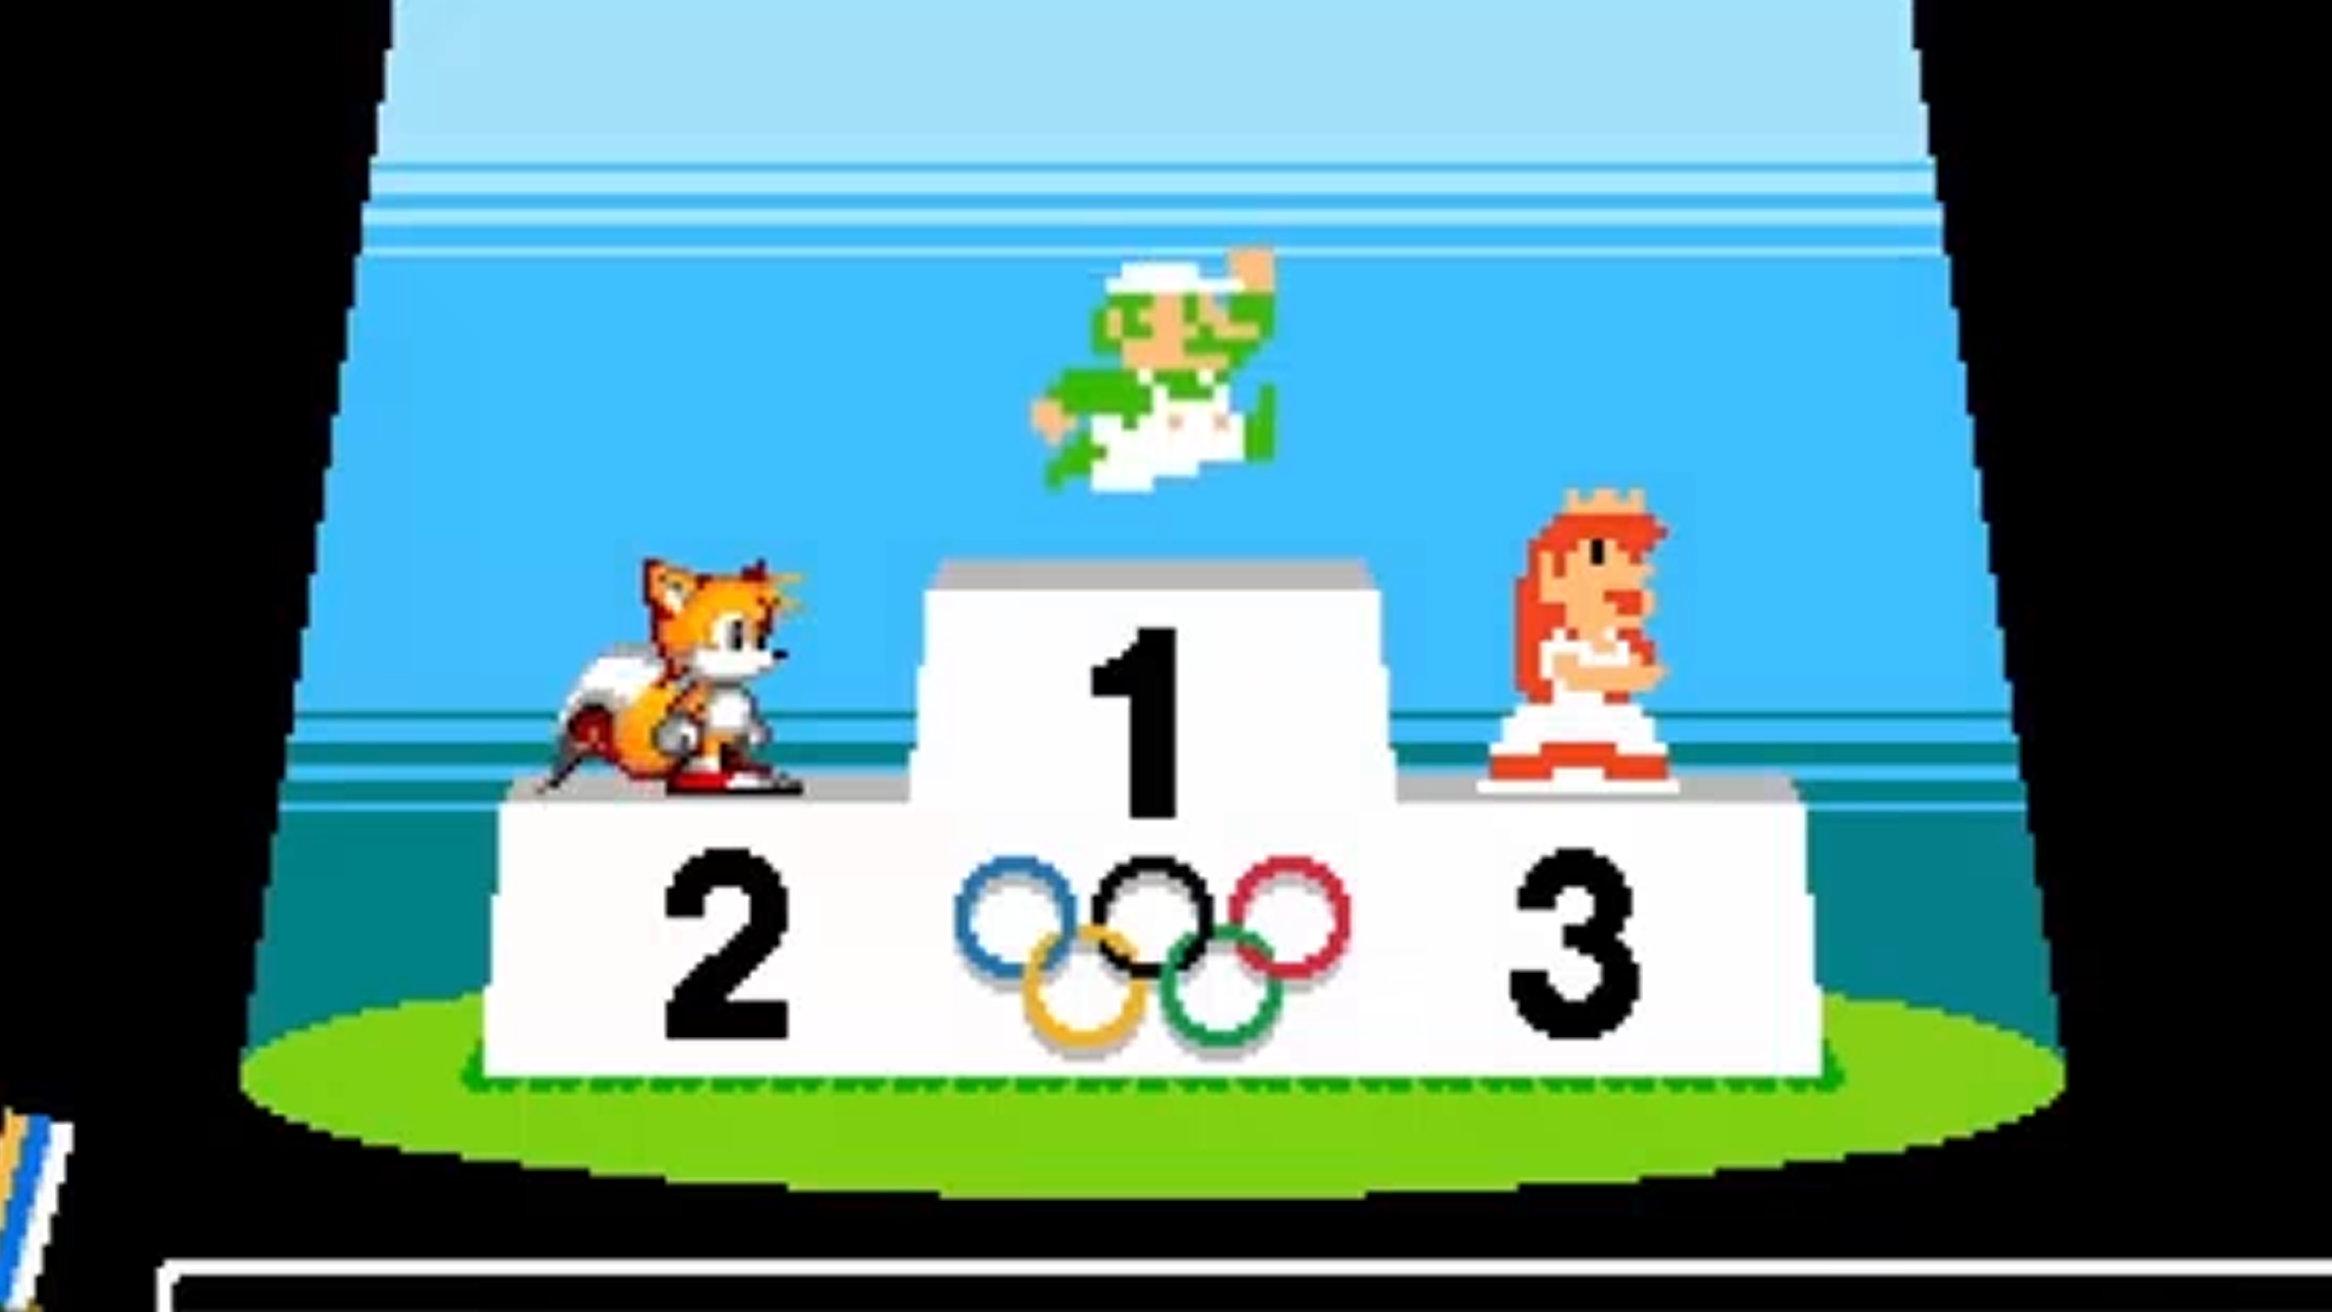 マリオ&ソニック東京五輪、2Dゲーム。1964年の東京オリンピック